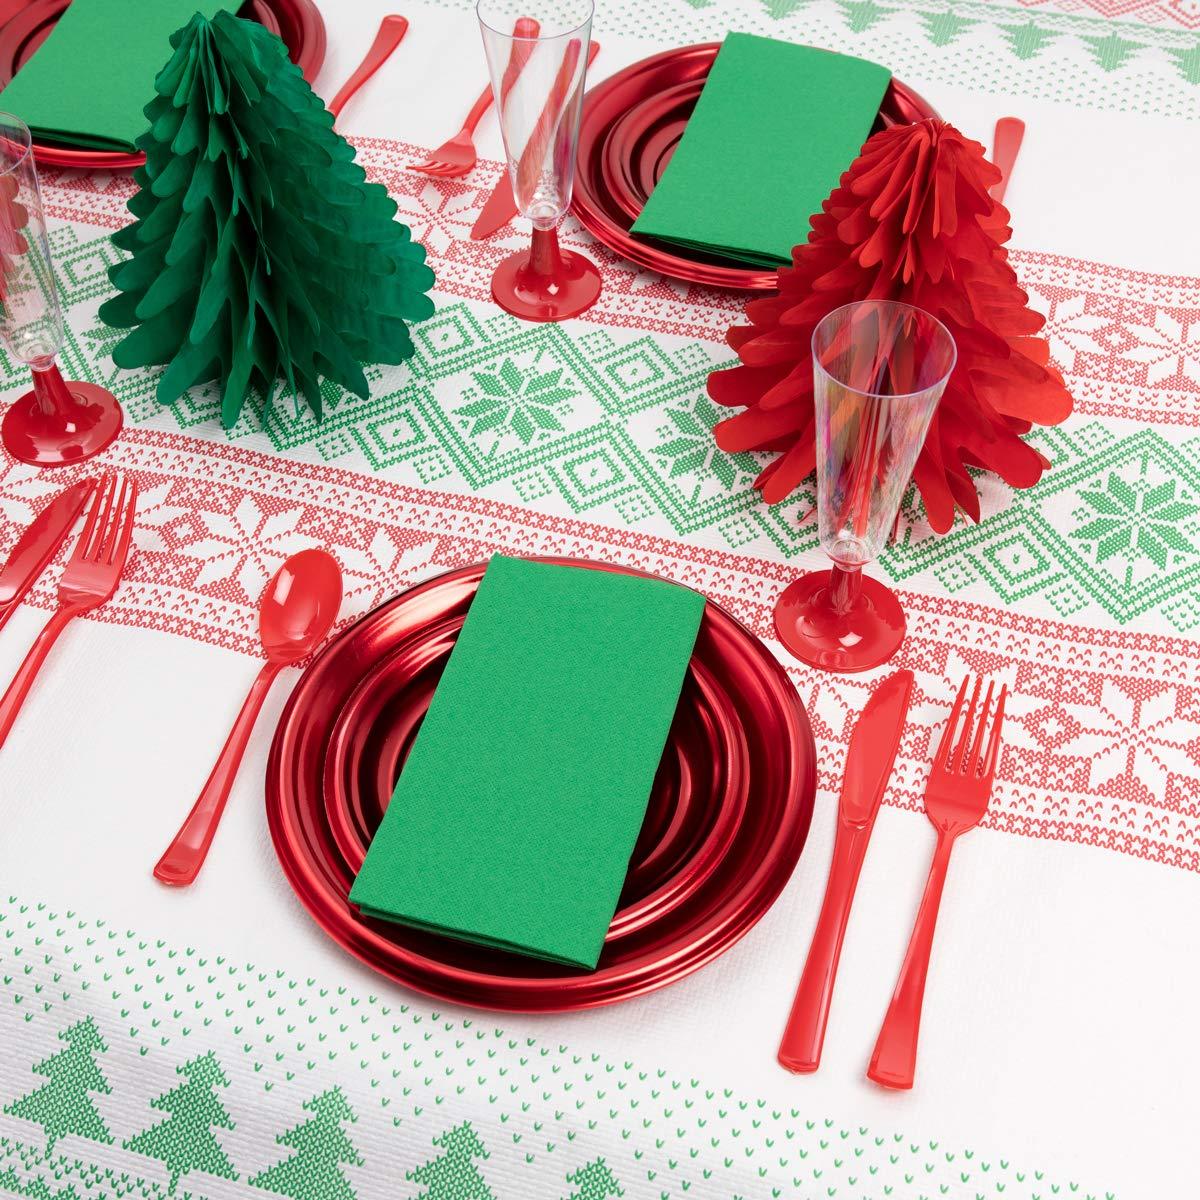 servilletas Kit Vajilla Navidad y Decoraci/ón Plata Platos Incluye Honeycombs Papel Pack Ahorro Cubiertos y Copas para 12 Personas